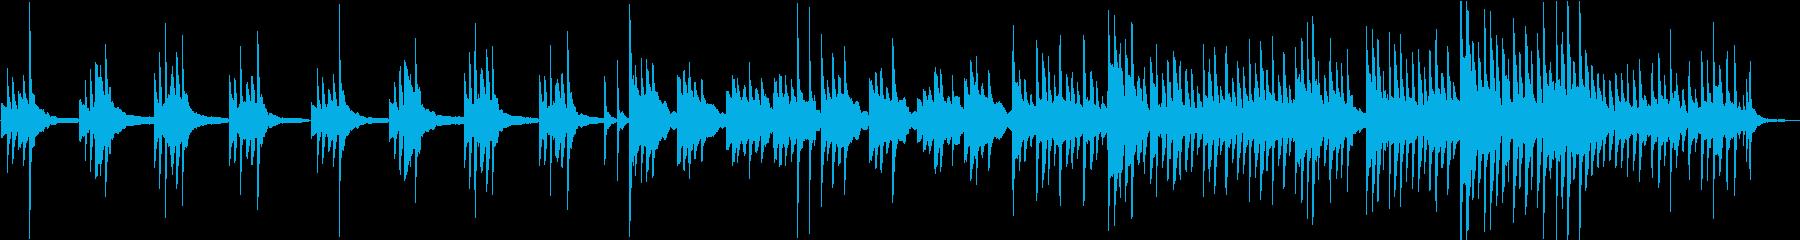 ソロピアノ/しっとり/センチメンタルの再生済みの波形